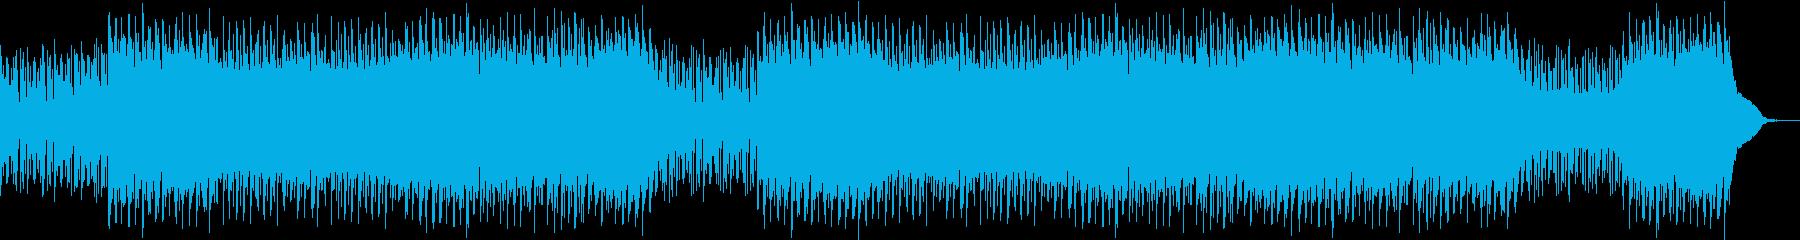 謎めいた興味深い音楽の再生済みの波形